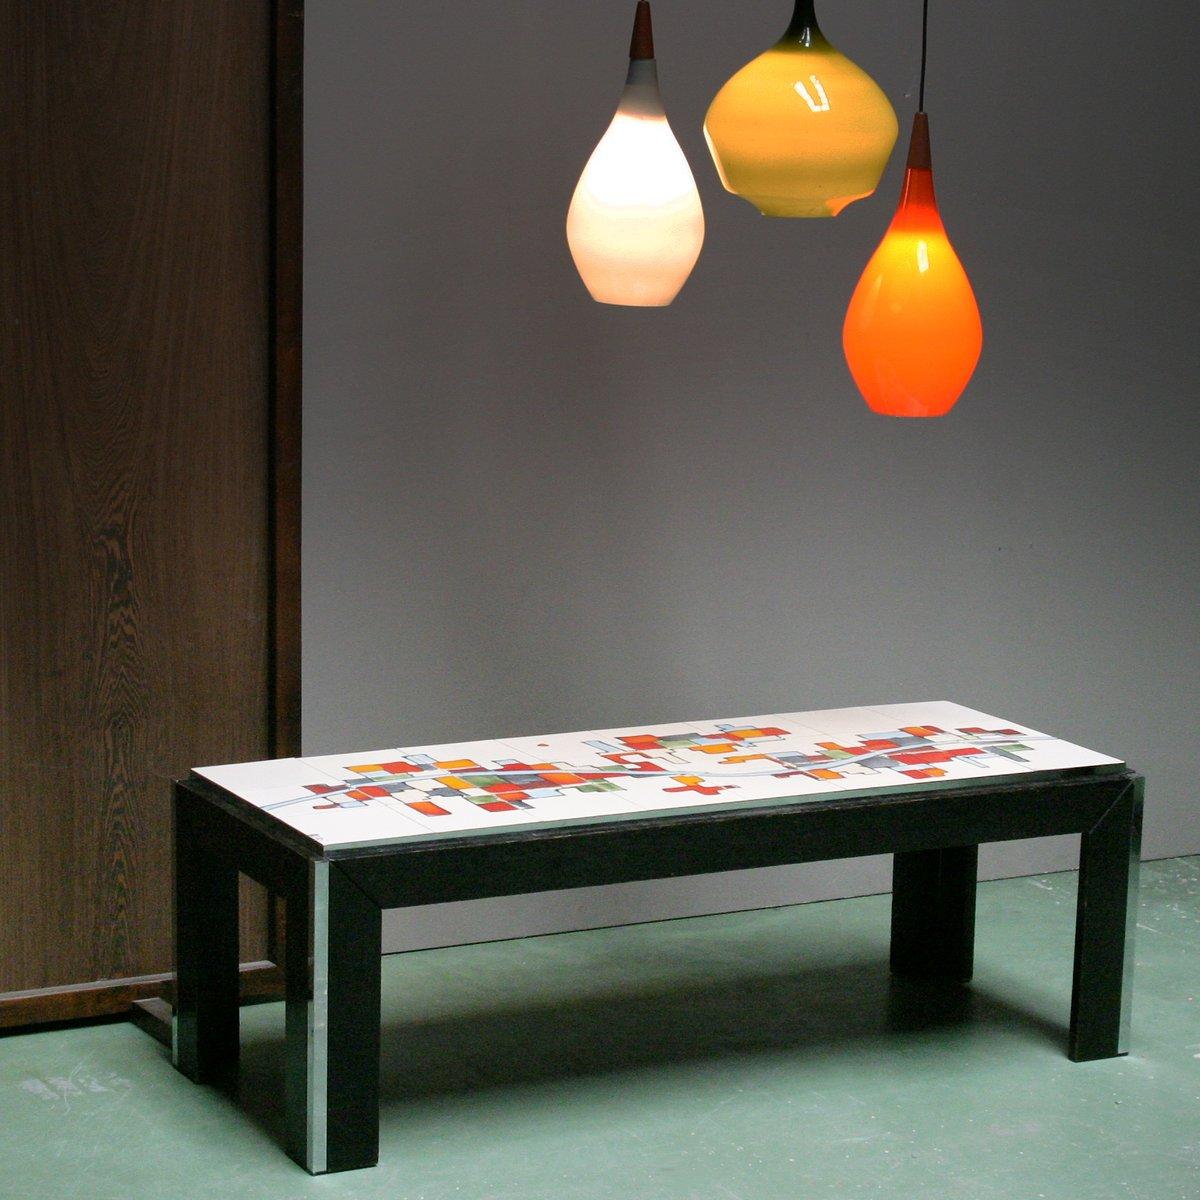 Couchtisch mit Keramikfliesen von Adri Belgique